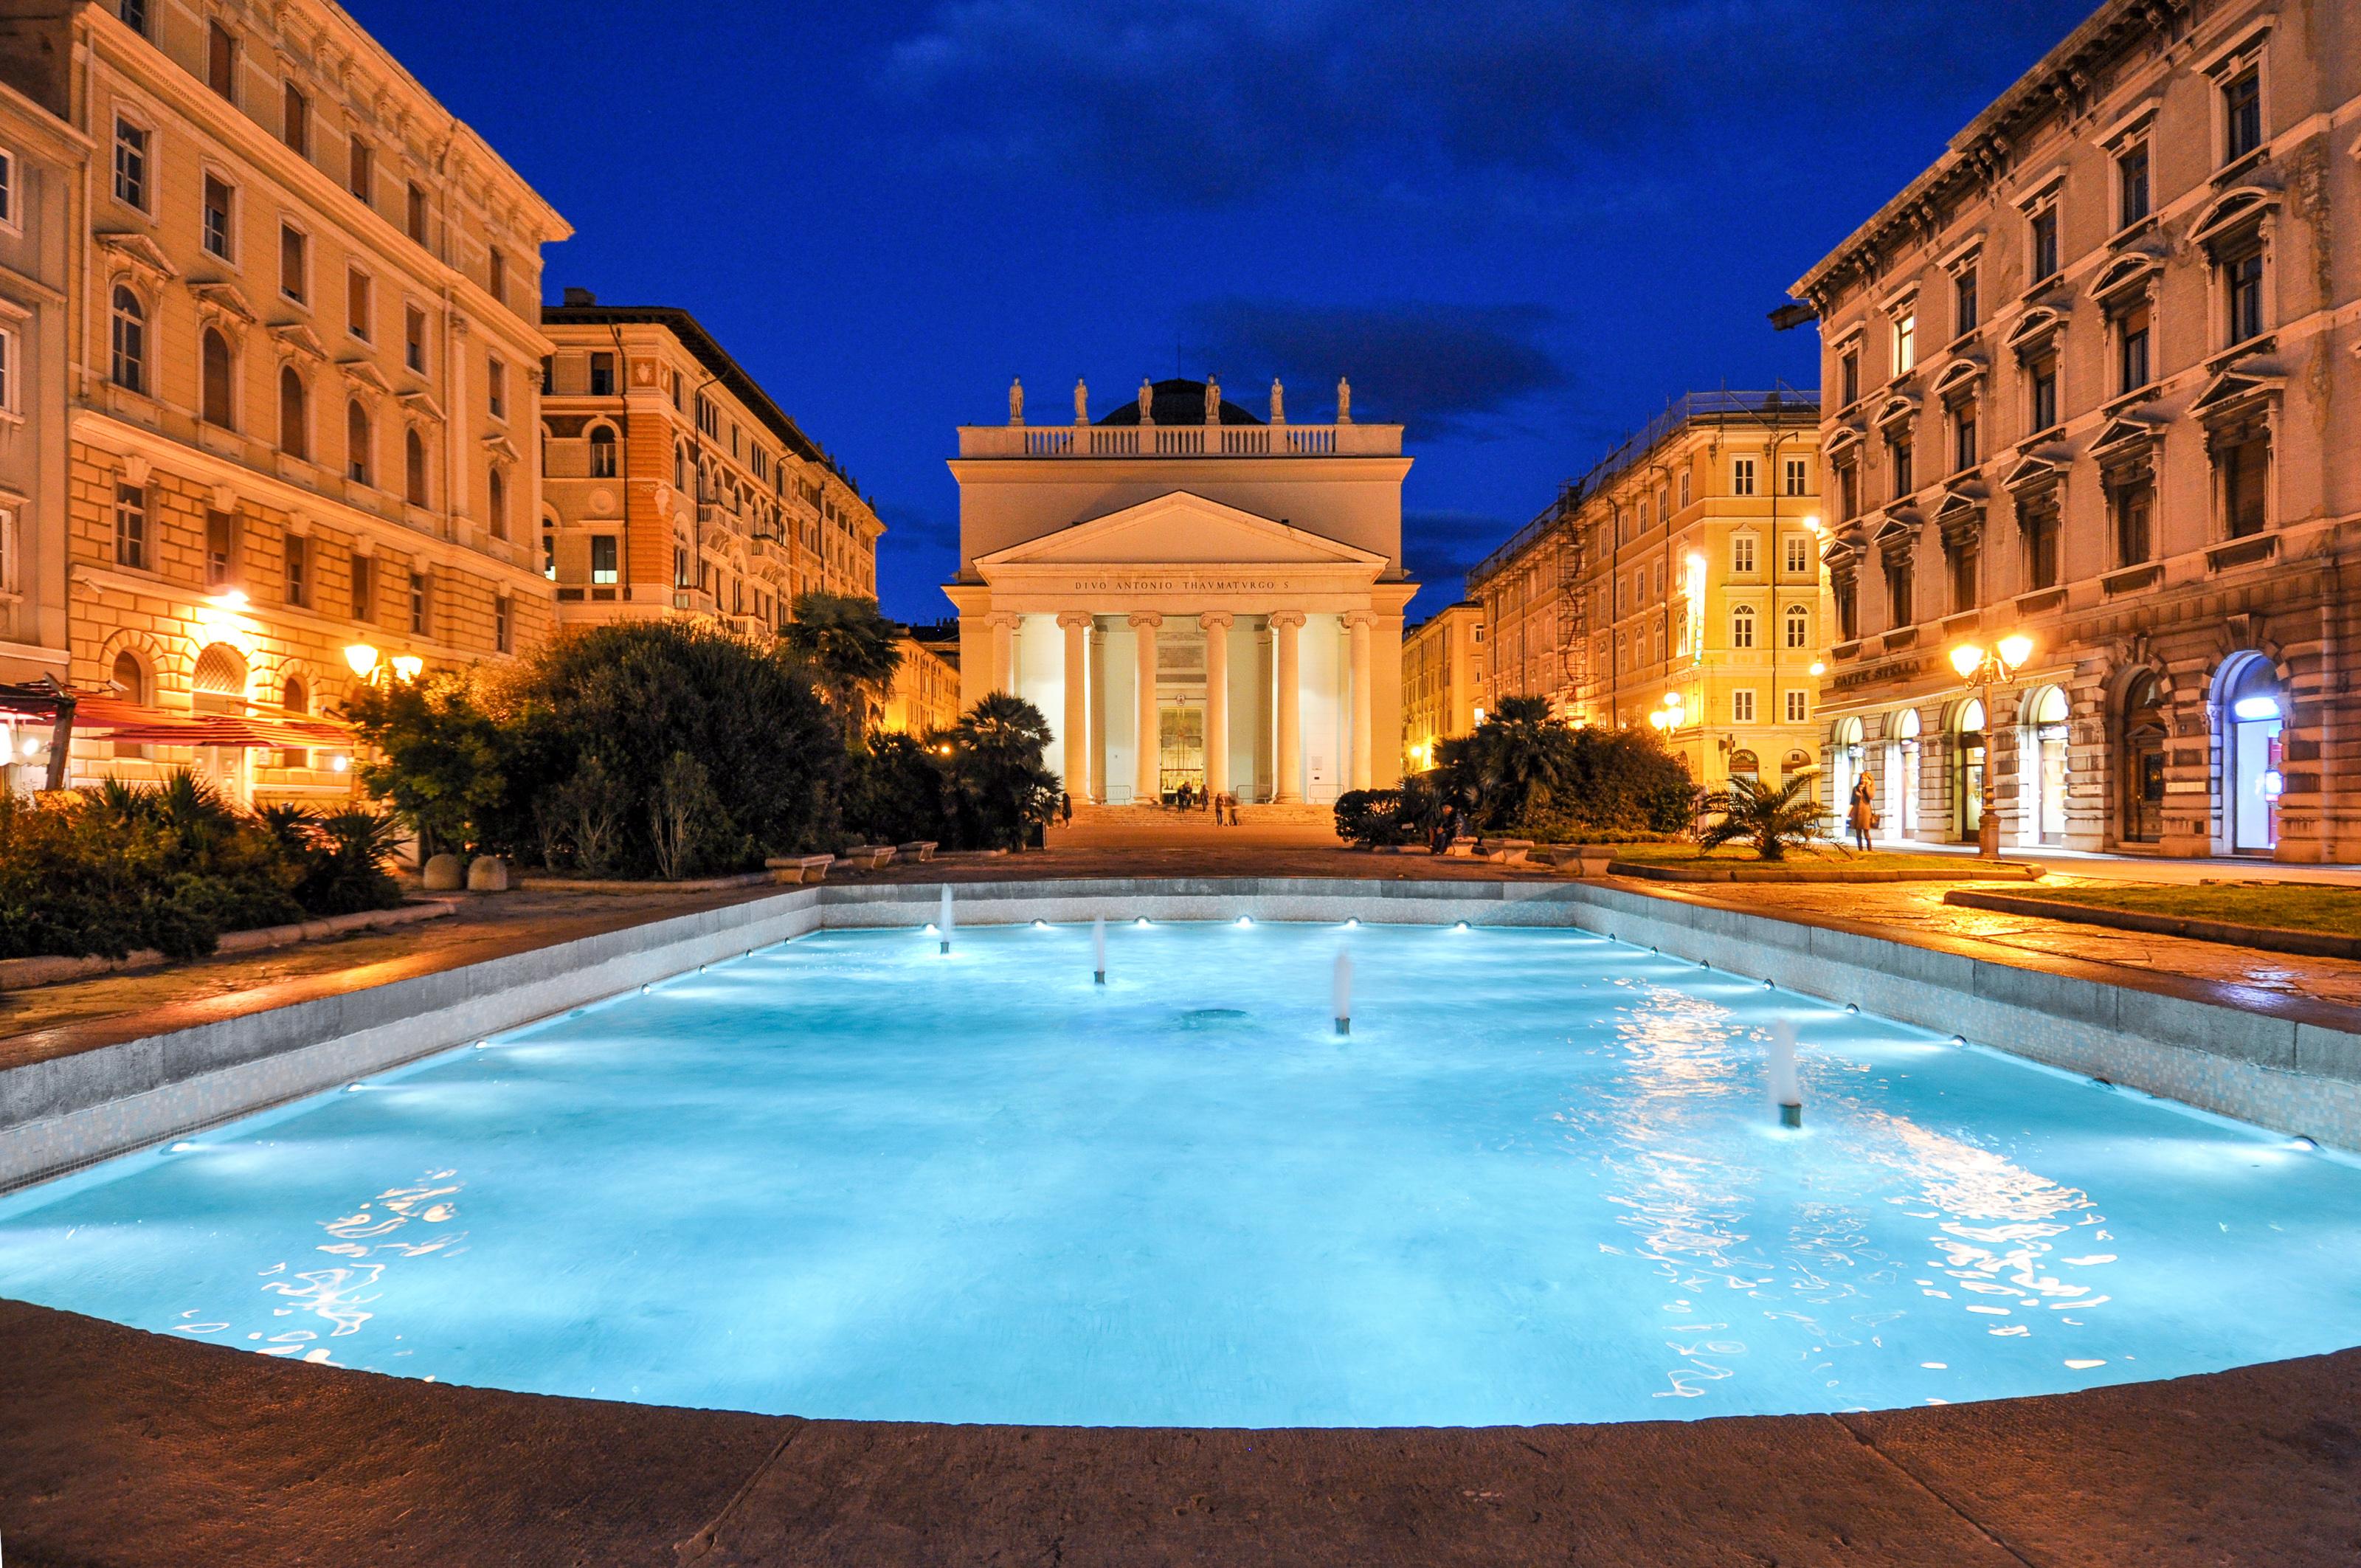 LR_Miss_Claire_Visit_Trieste-1000